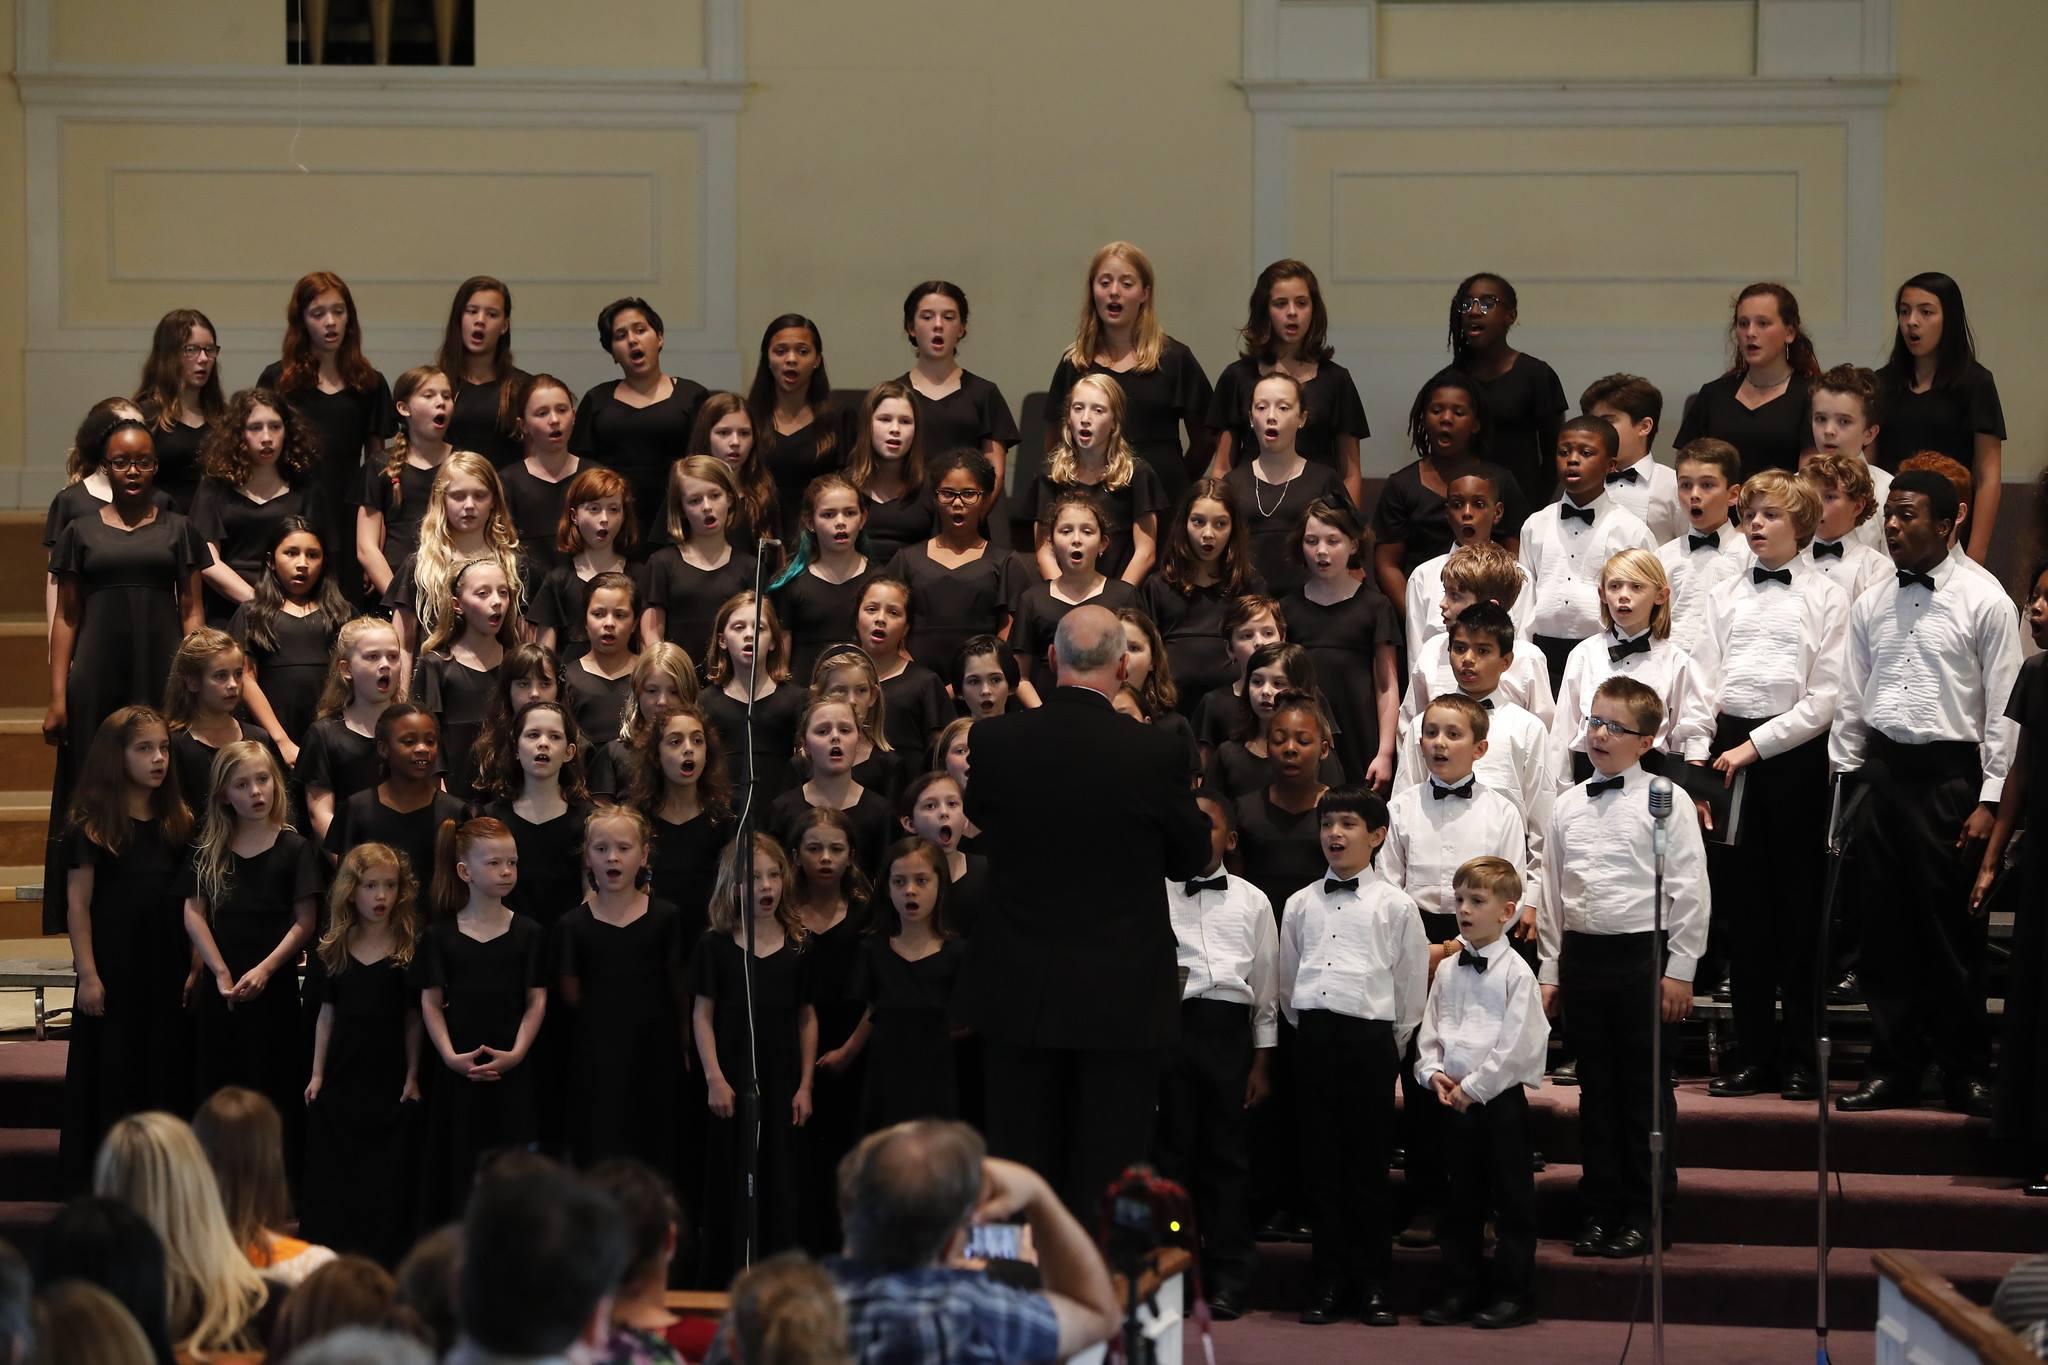 Avondale Children's Choir